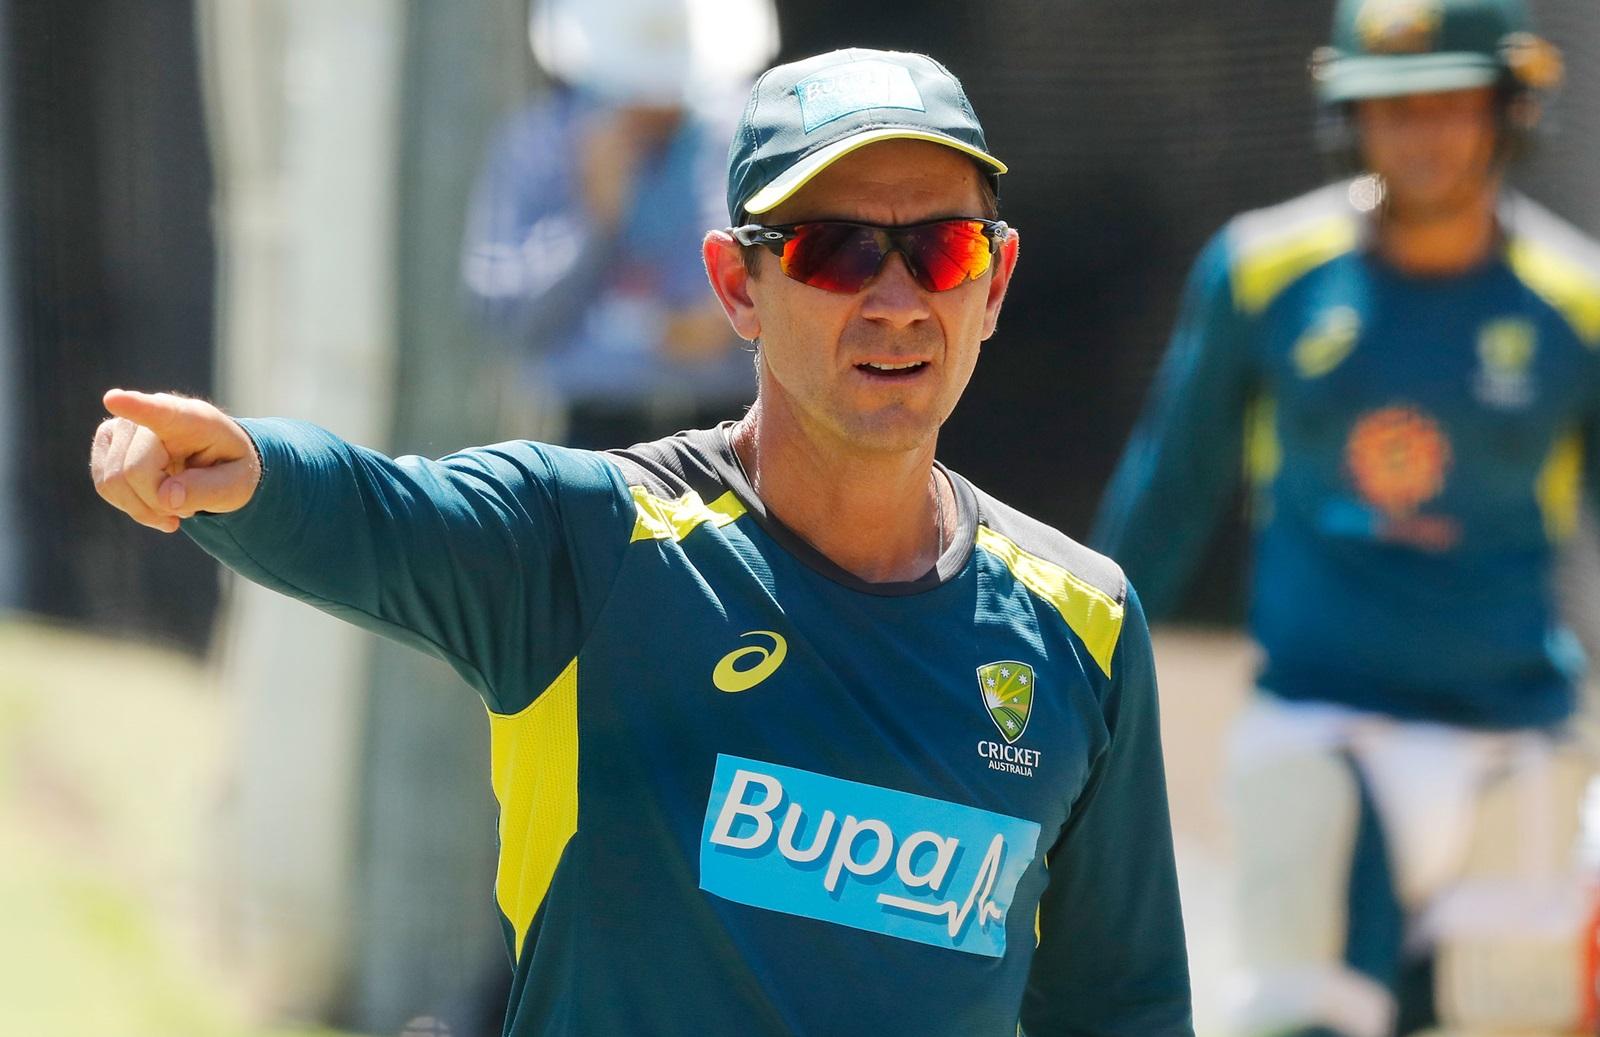 आईपीएल 2020 में ऑस्ट्रेलियाई खिलाड़ियों को खेलते देखना चाहते हैं जस्टिन लैंगर, दिया बयान 1